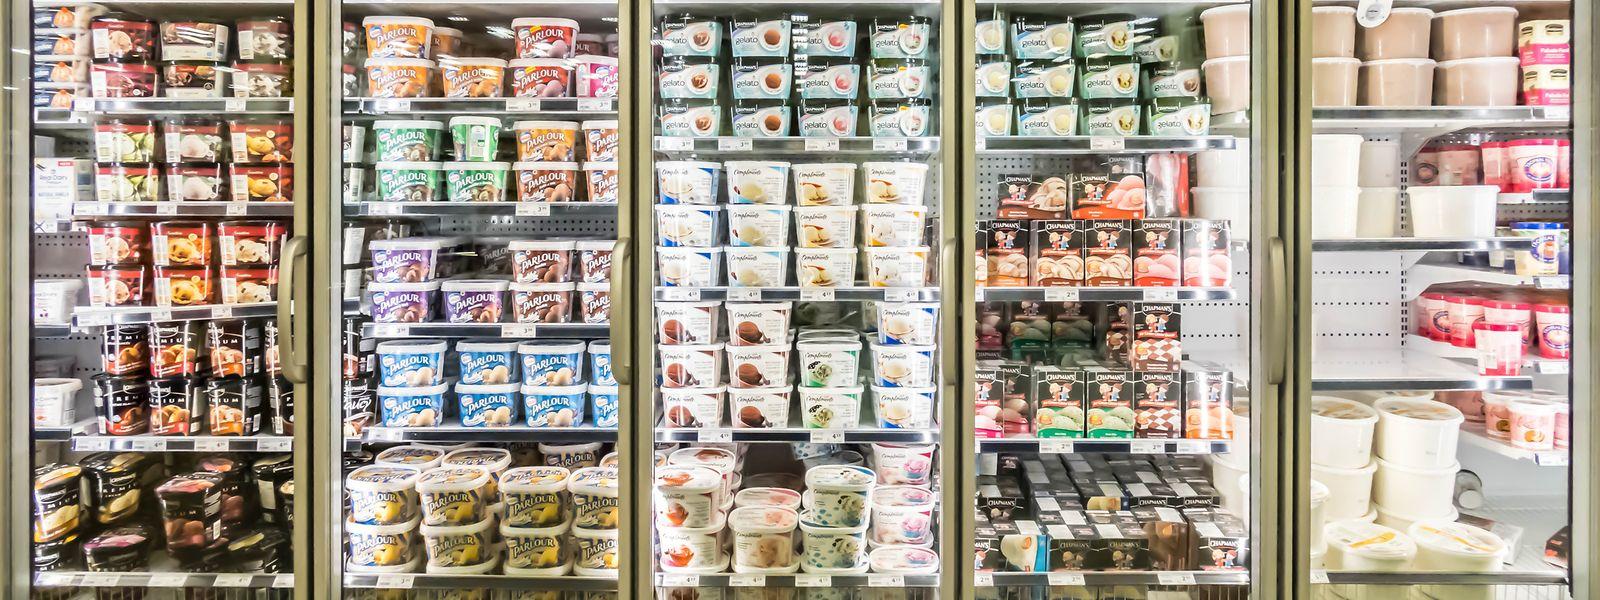 Vor allem in Speiseeis ist der kontaminierte Zusatzstoff zu finden. Betroffen sind aber nur bestimmte Produktchargen.